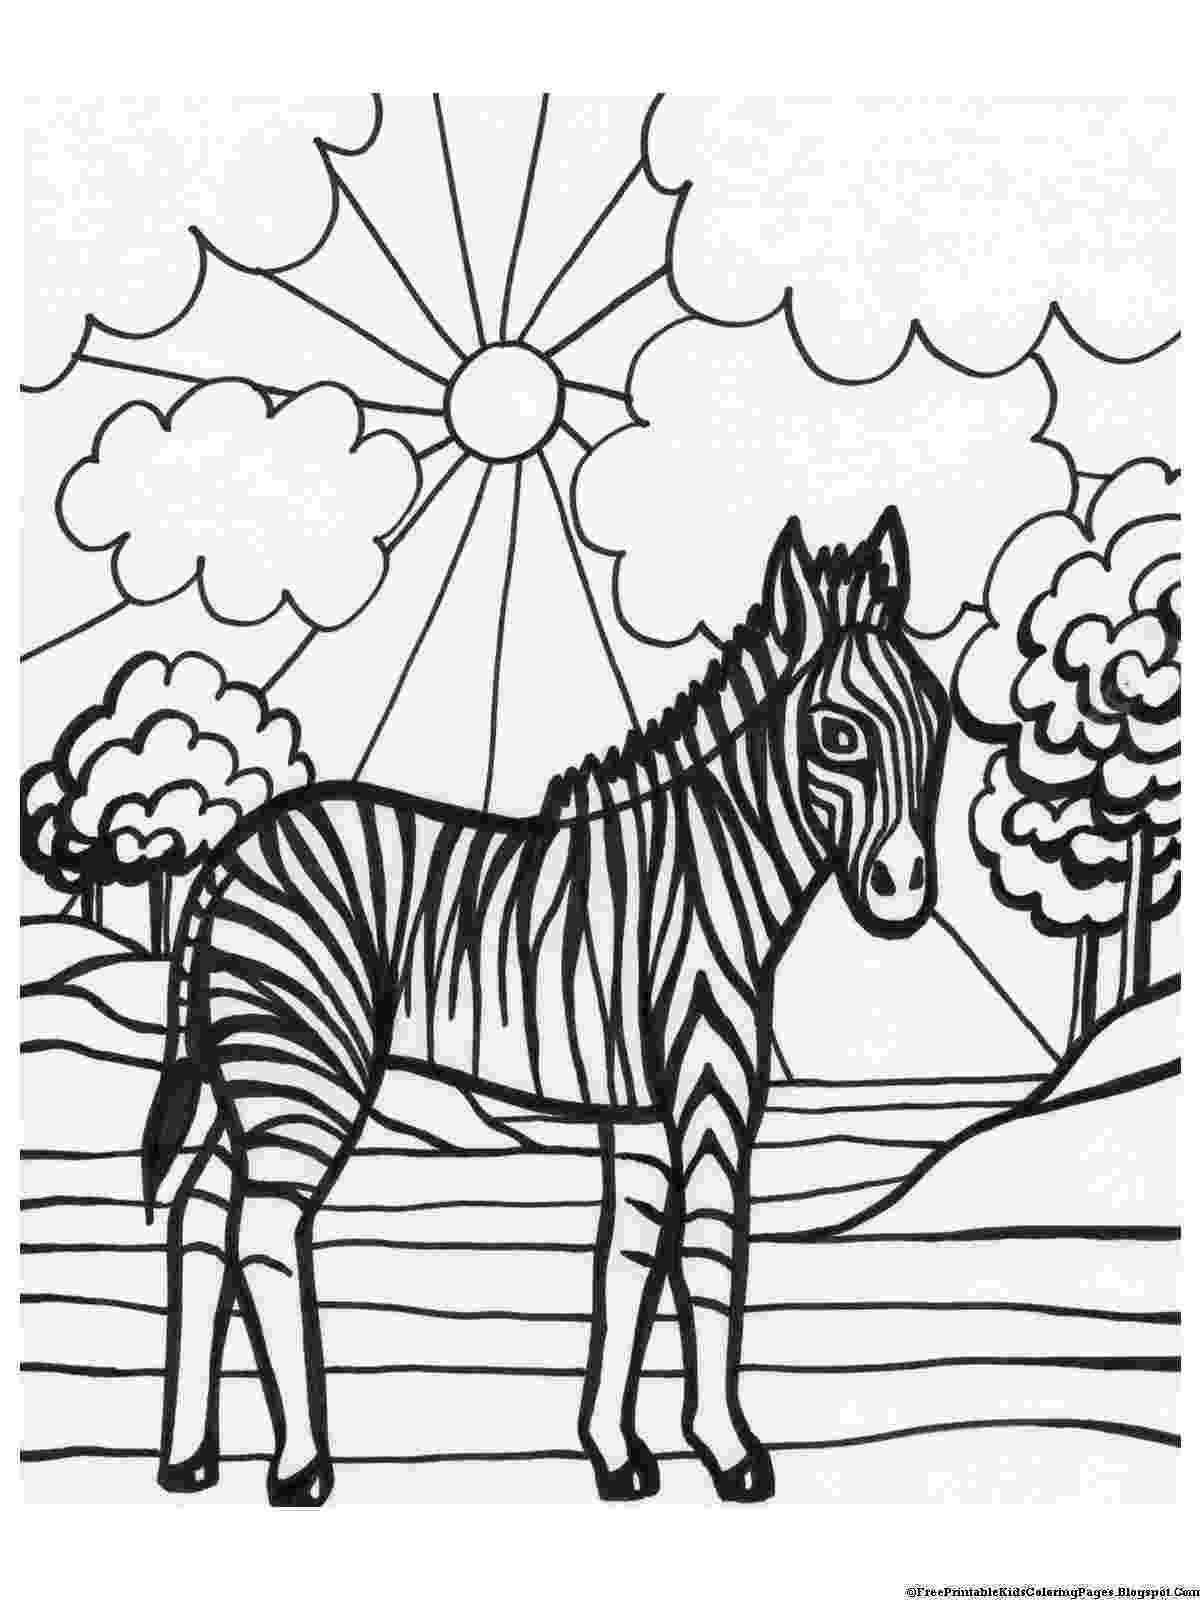 colouring picture of zebra zebra coloring pages free printable kids coloring pages of zebra picture colouring